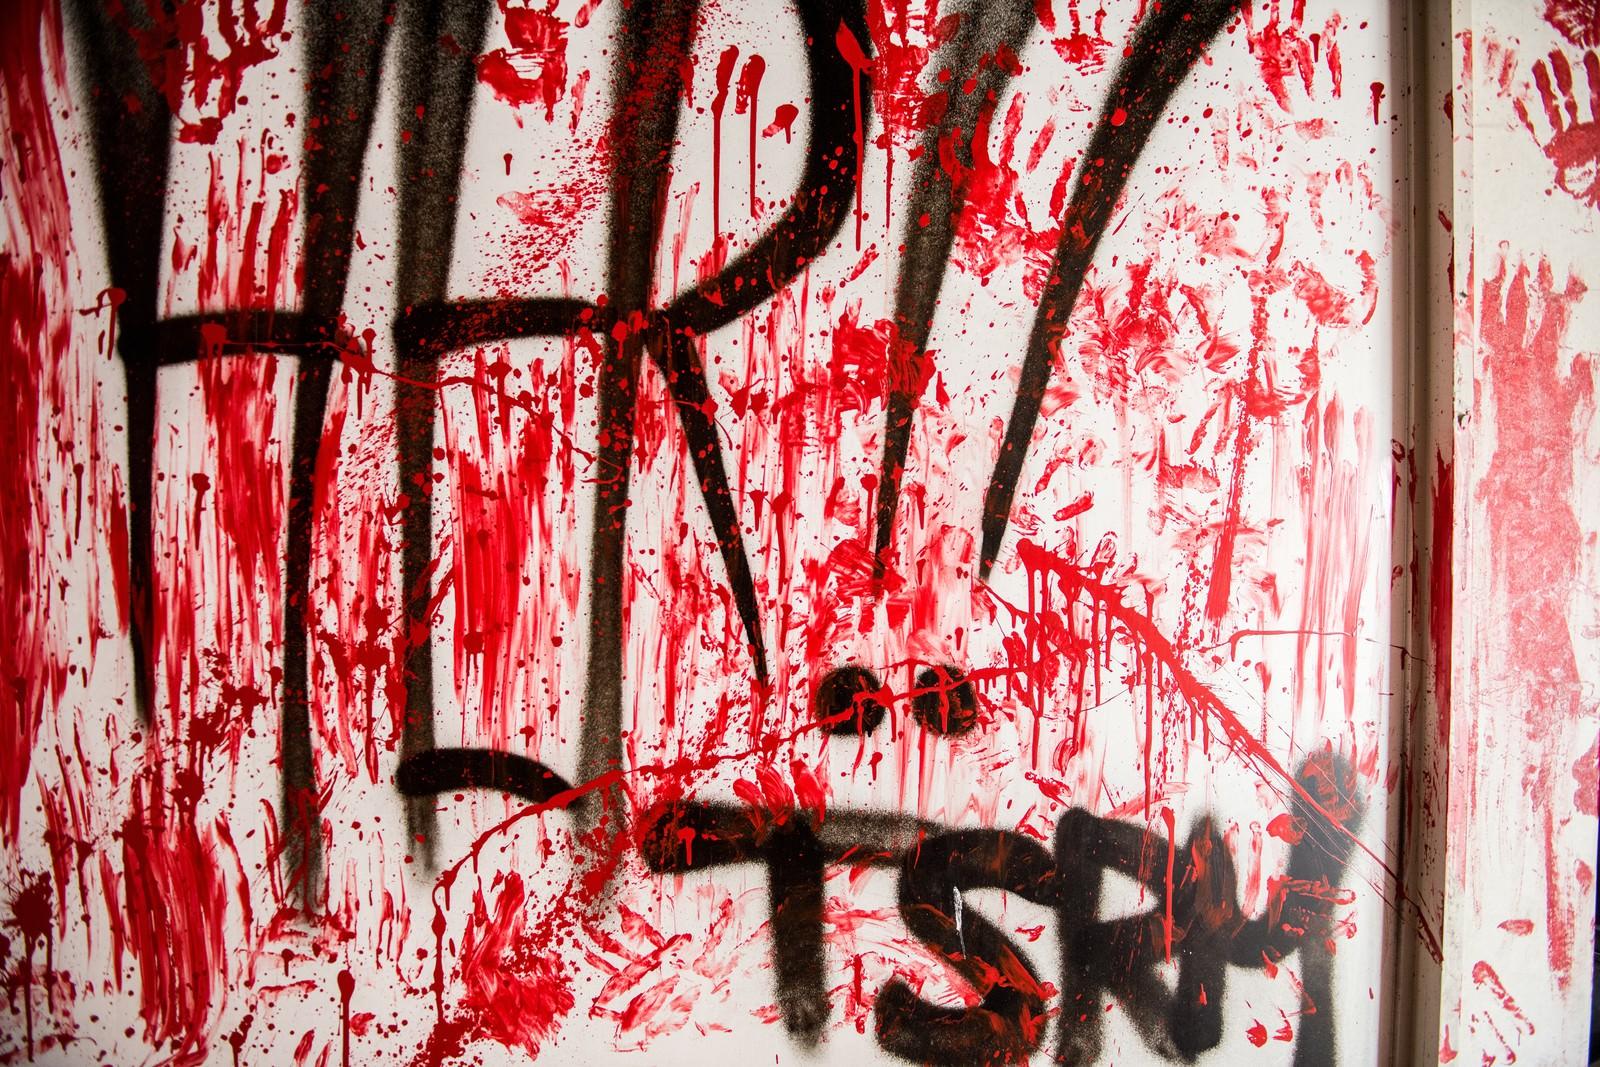 「血塗りの壁」の写真